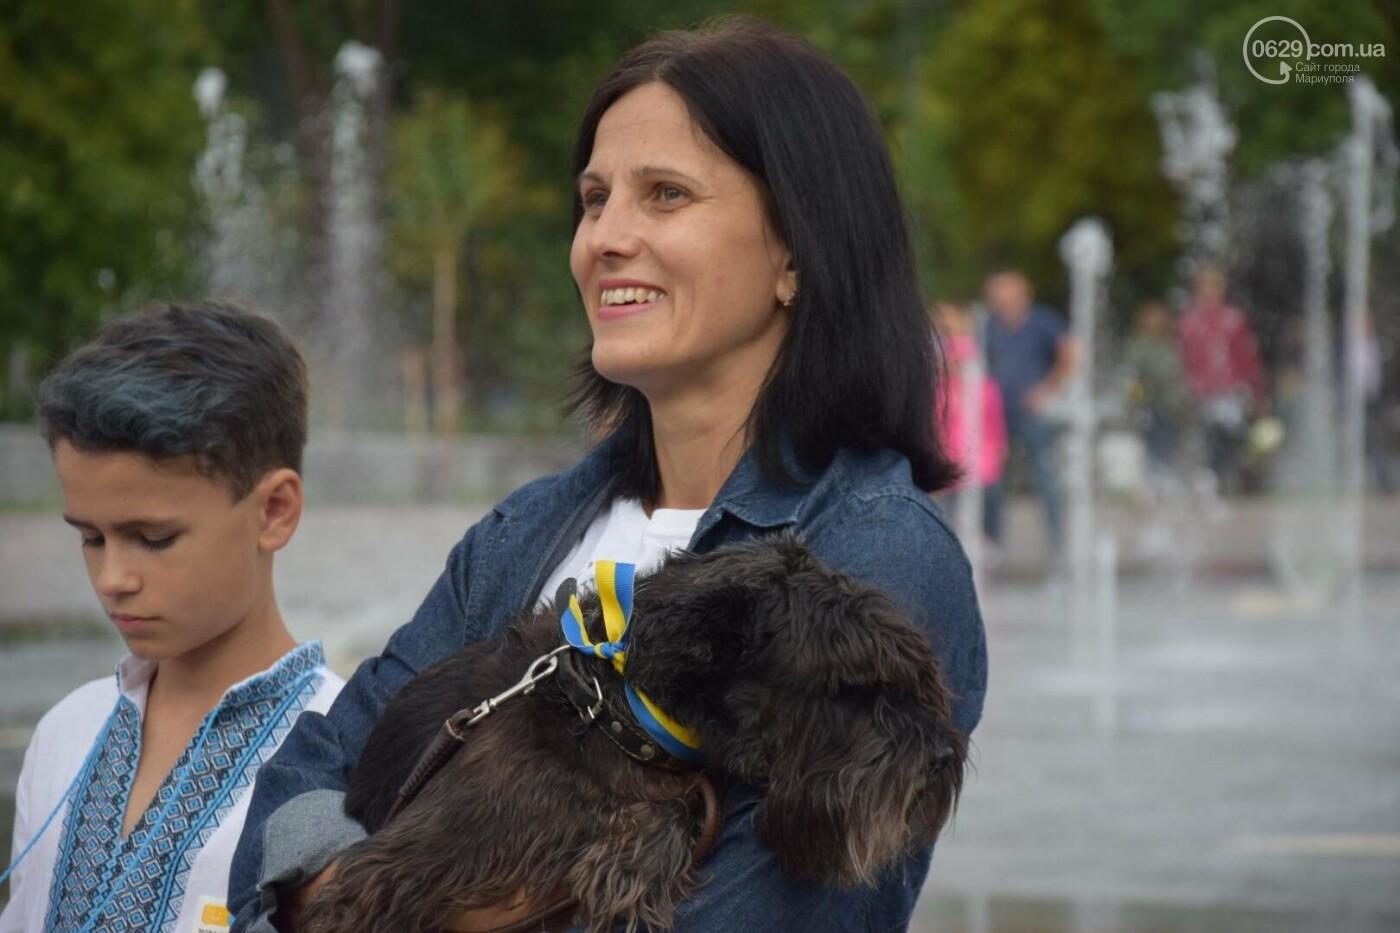 В Мариуполе радостно встретили Закон об украинском языке, - ФОТО, фото-20